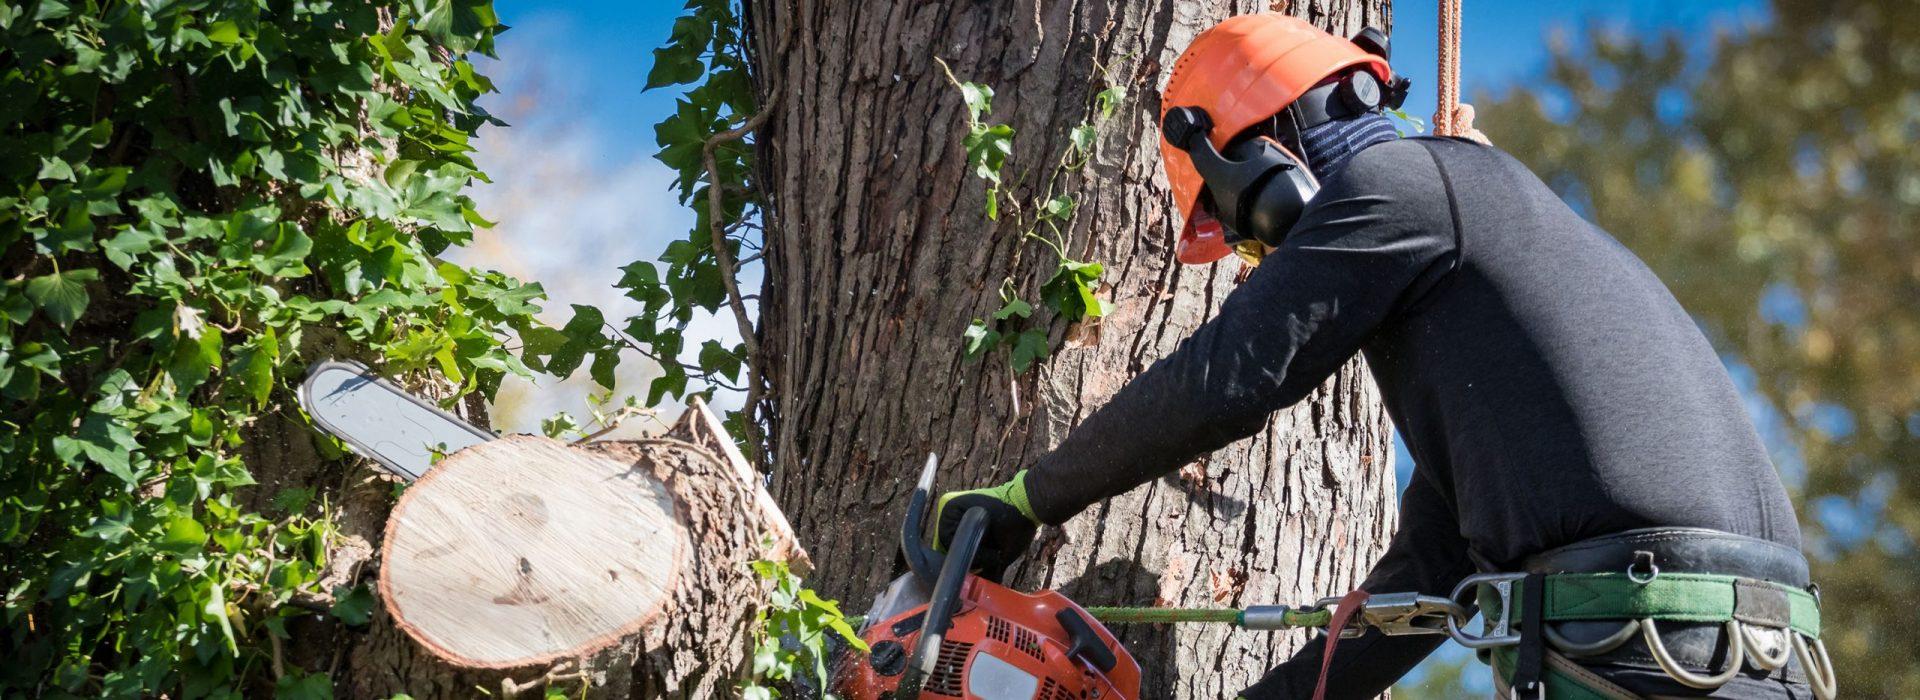 Pihapuunkaatopalvelut Varkauden seudulla | Tekee Heke